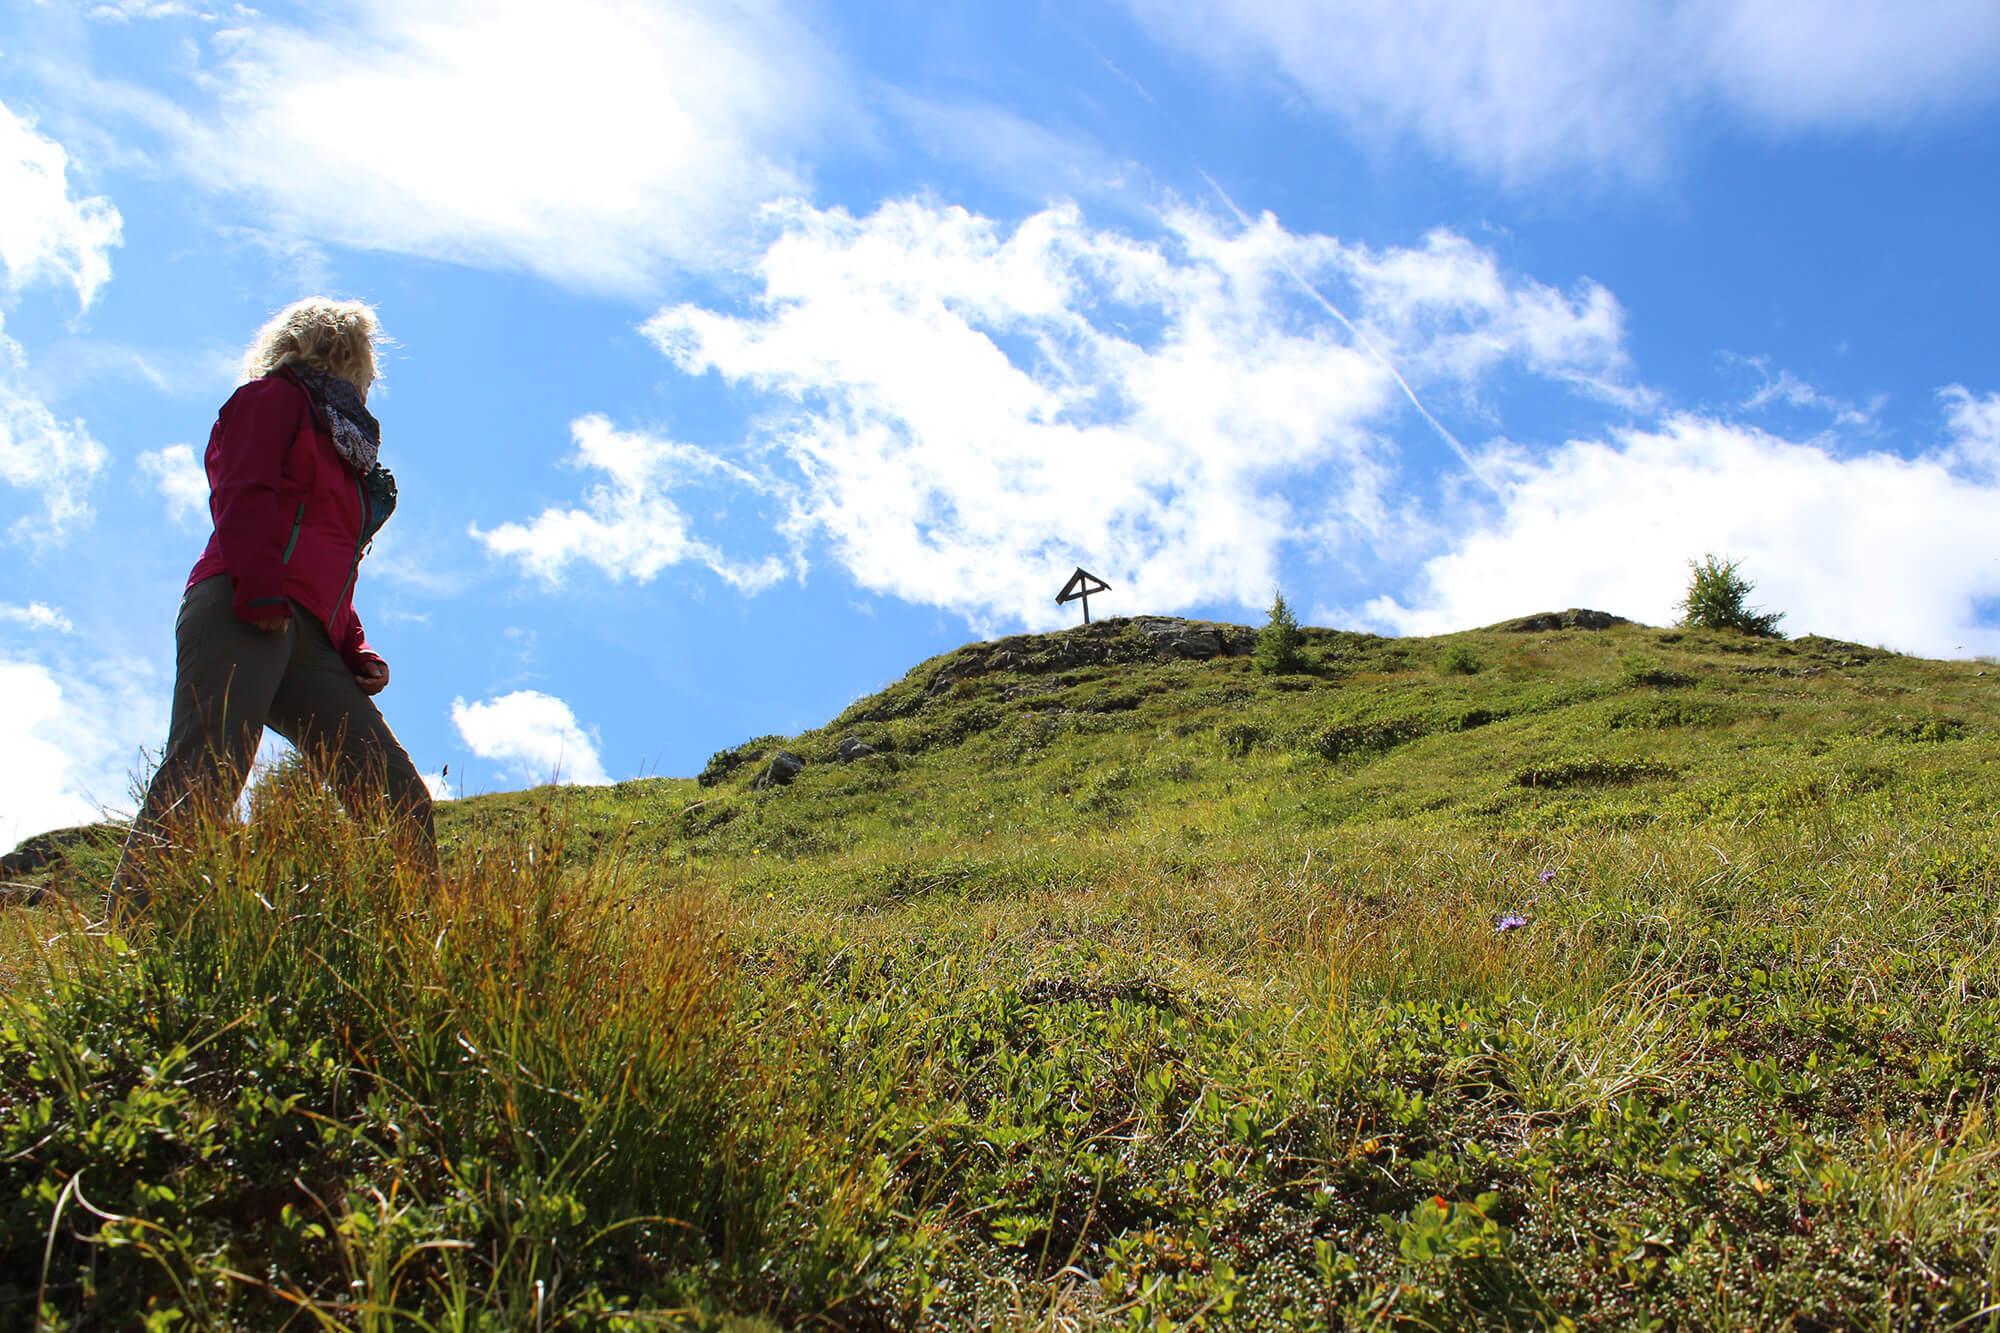 Kurz vor dem Gipfel mit Ausblick aufs Kreuz.